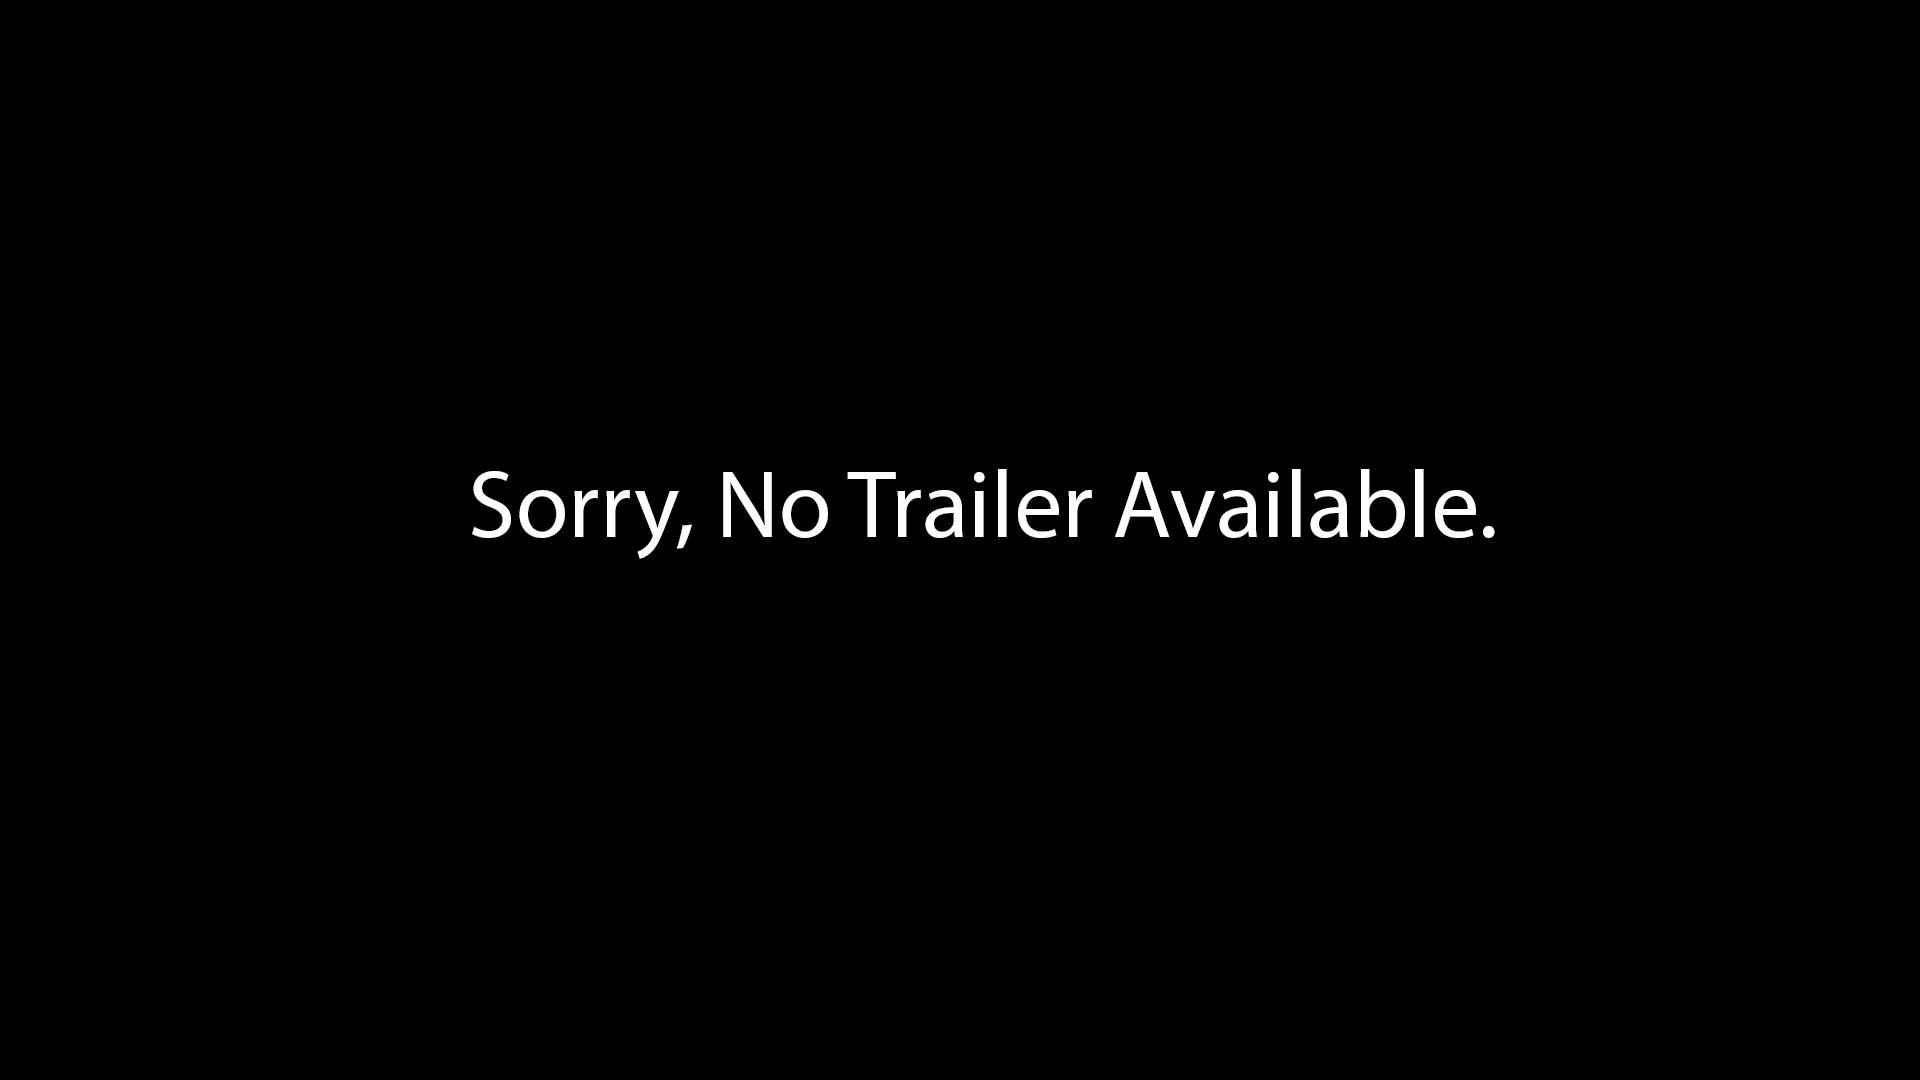 Thumbnail (no trailer).png